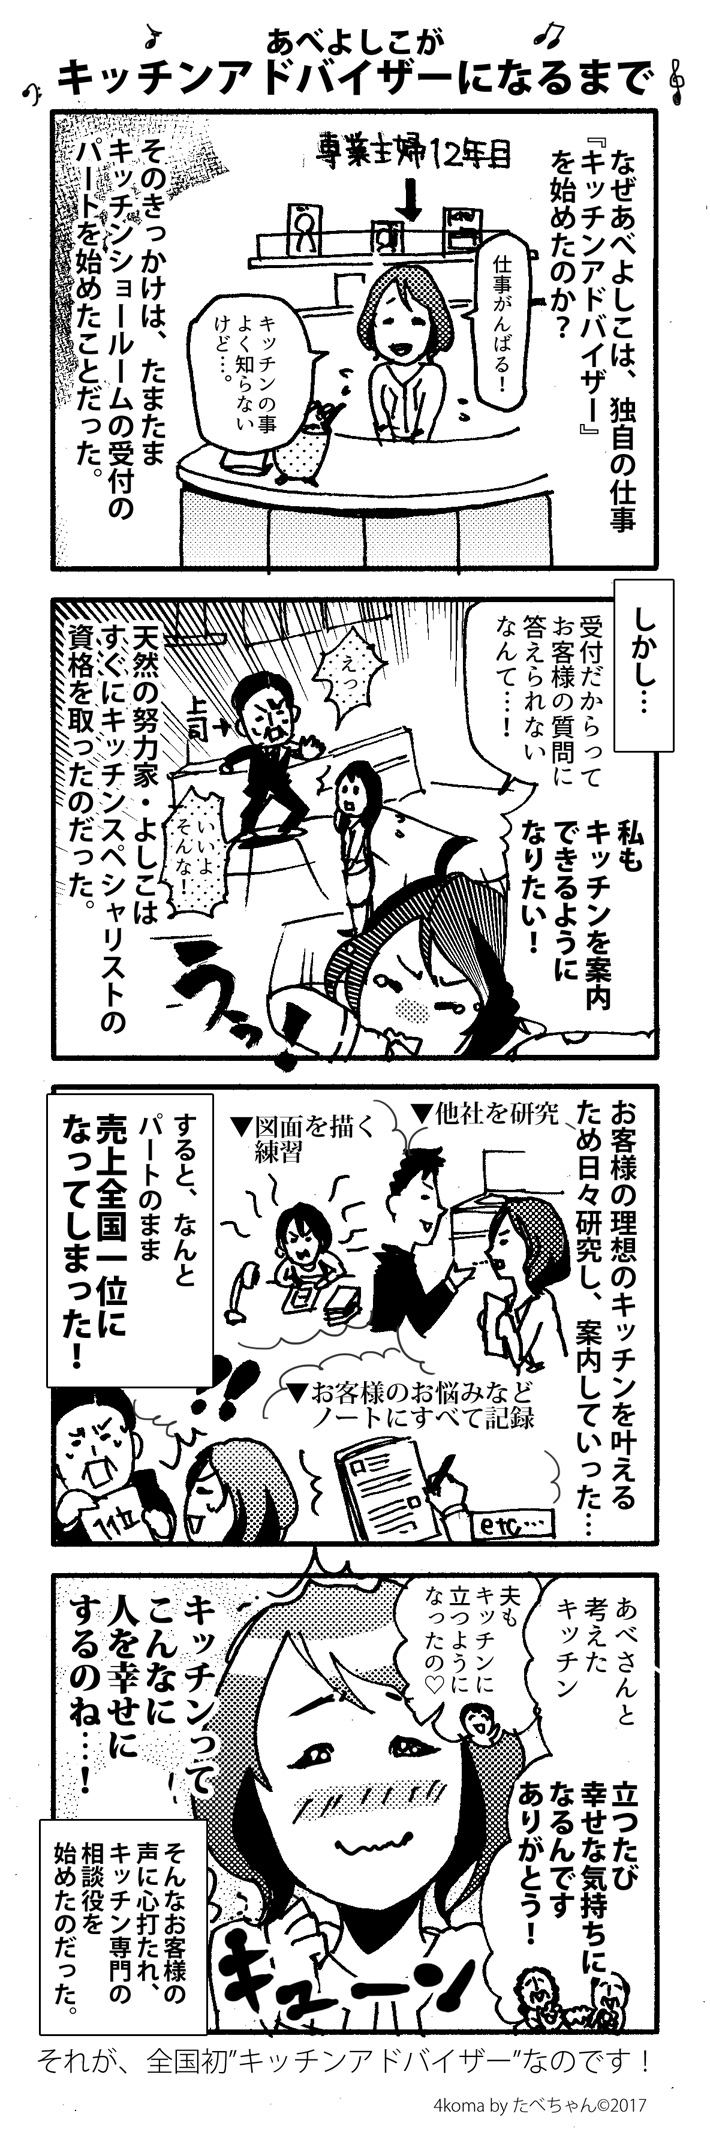 阿部美子(あべよしこ) が幸せキッチンアドバイザーになるまで